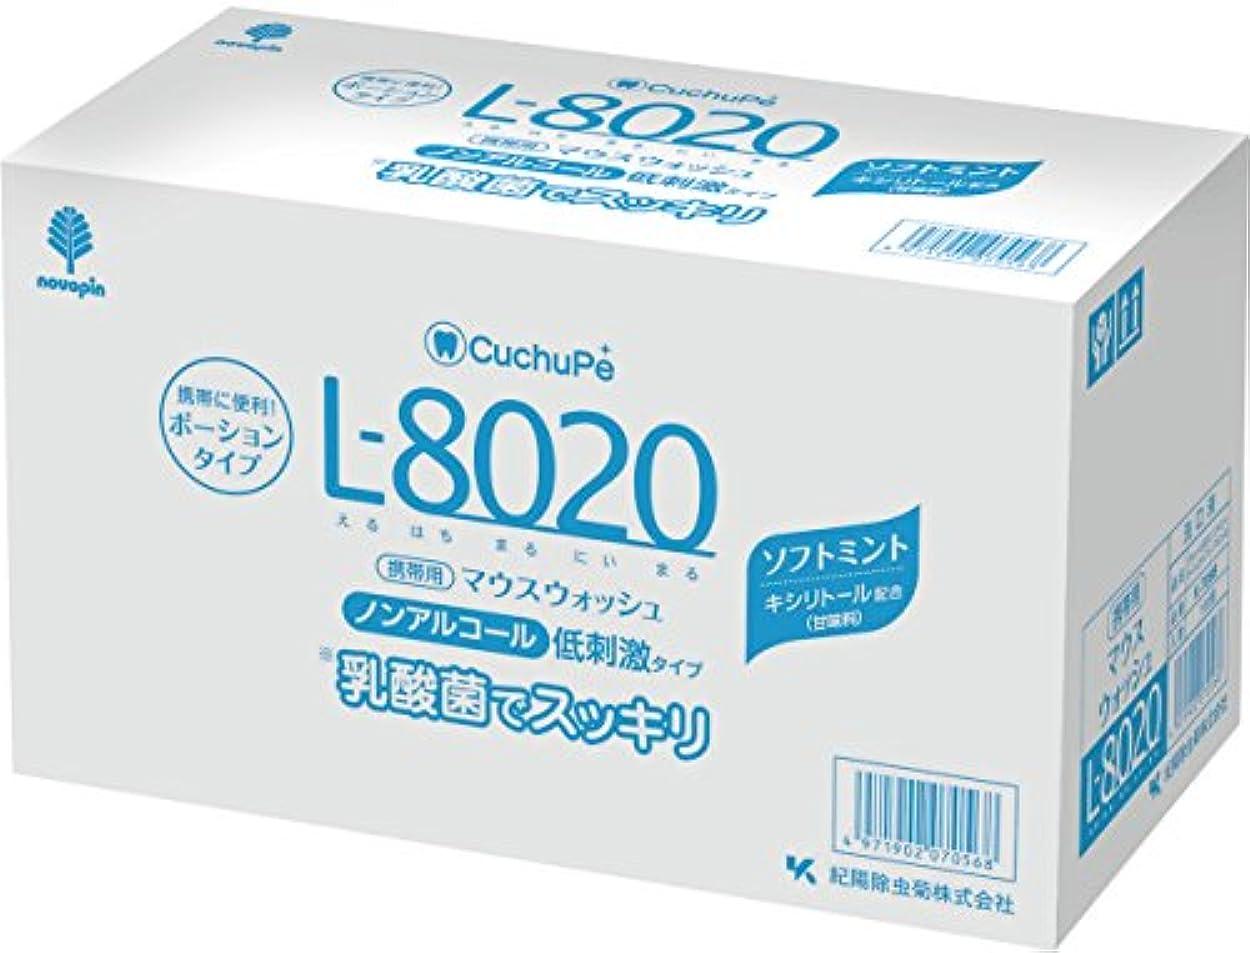 クチュッペ L-8020 マウスウォッシュ ソフトミント ポーションタイプ 100個入